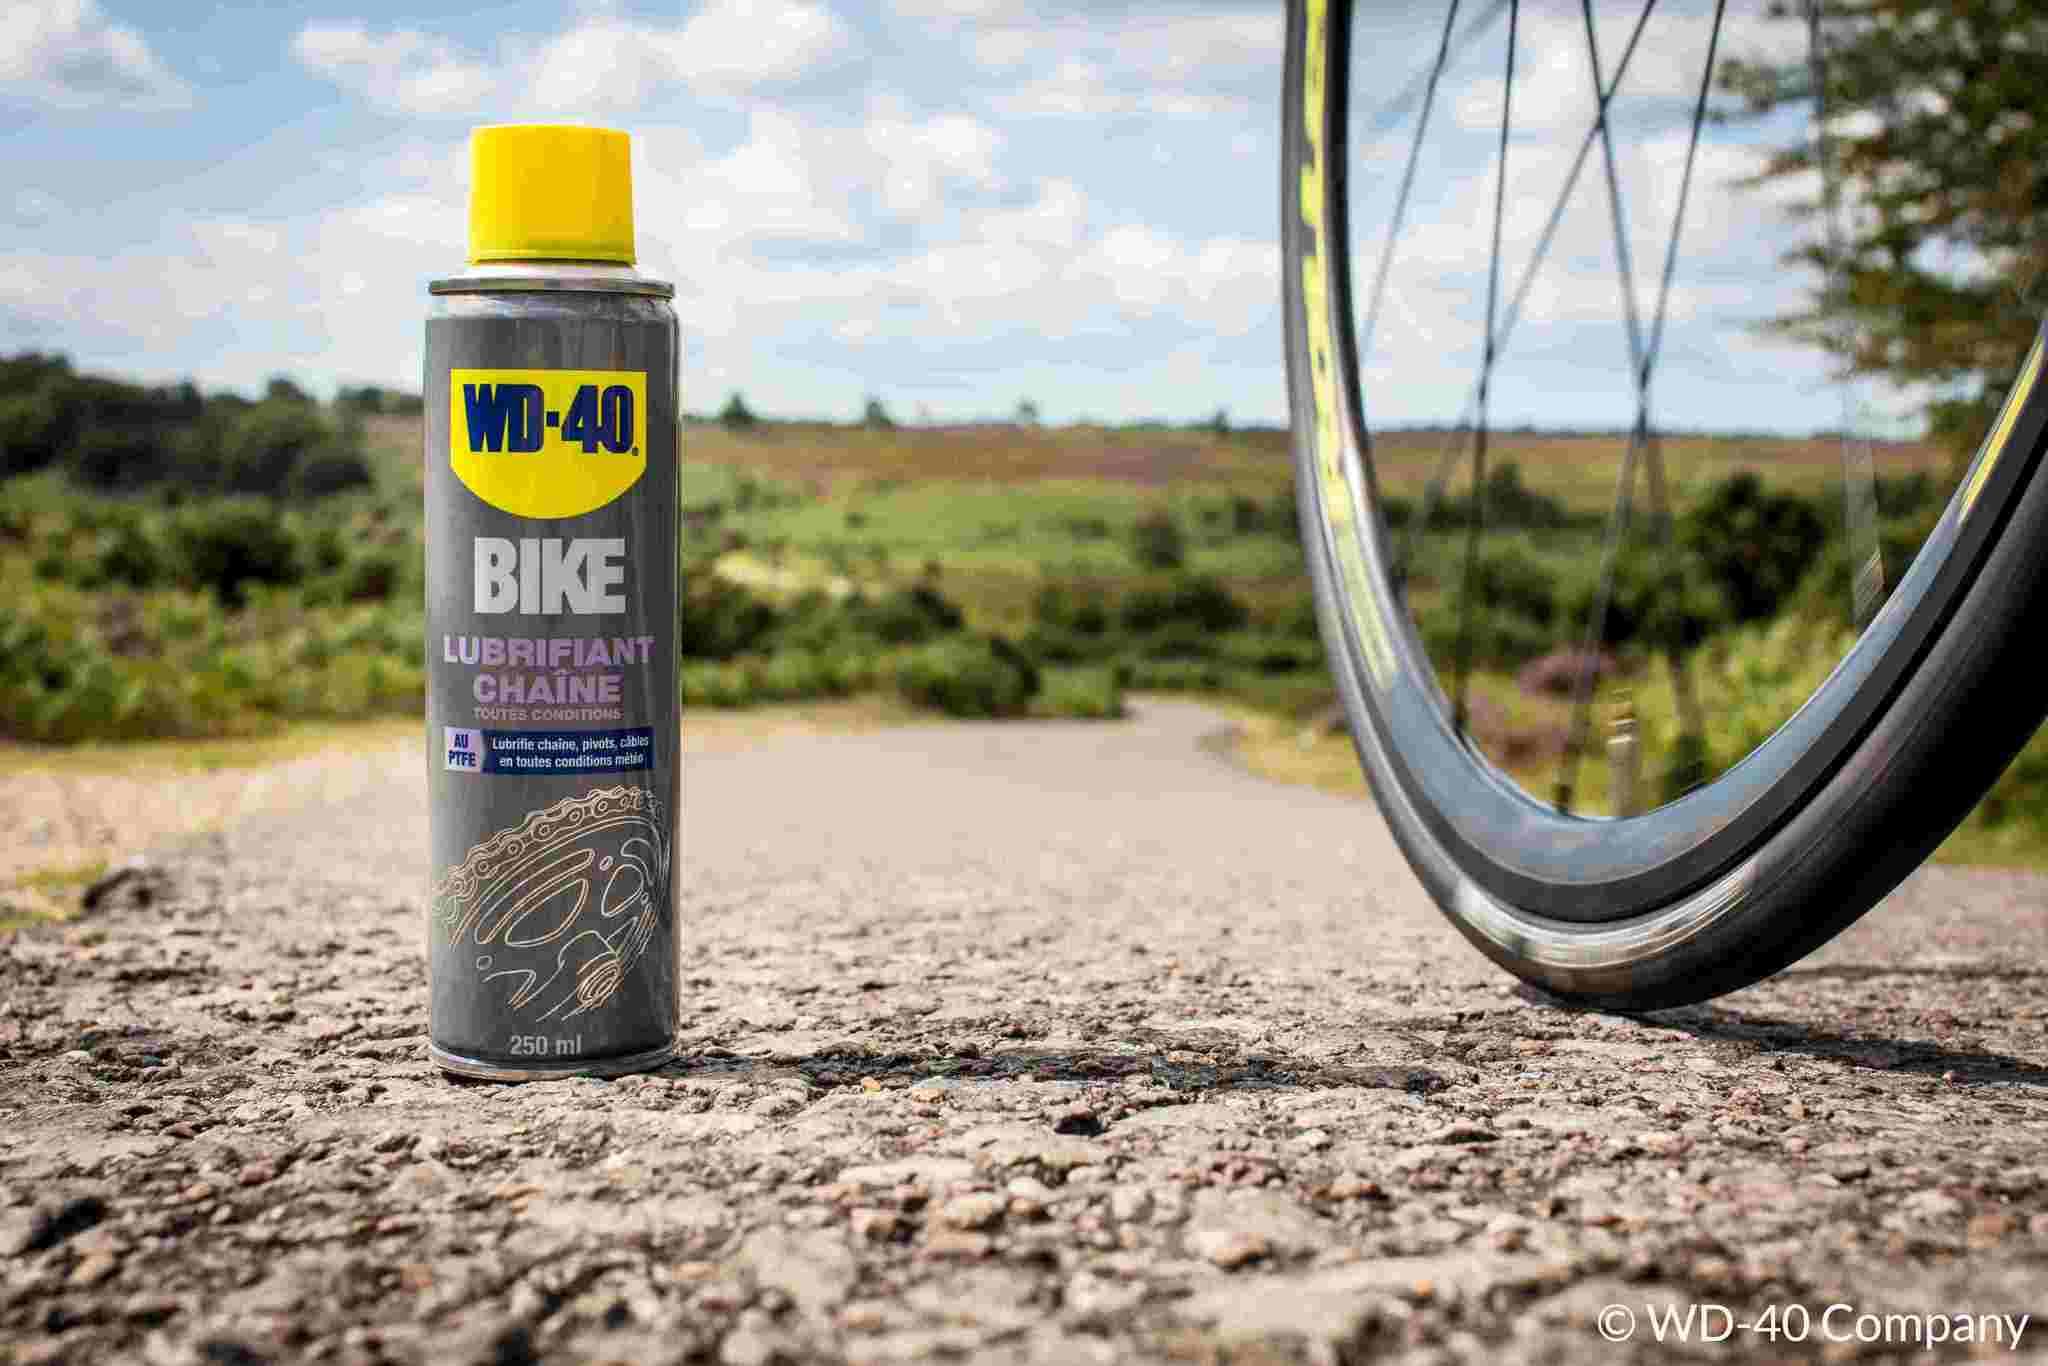 Graisse et lubrifiant chaîne pour vélo : connaissez-vous WD-40 BIKE ?